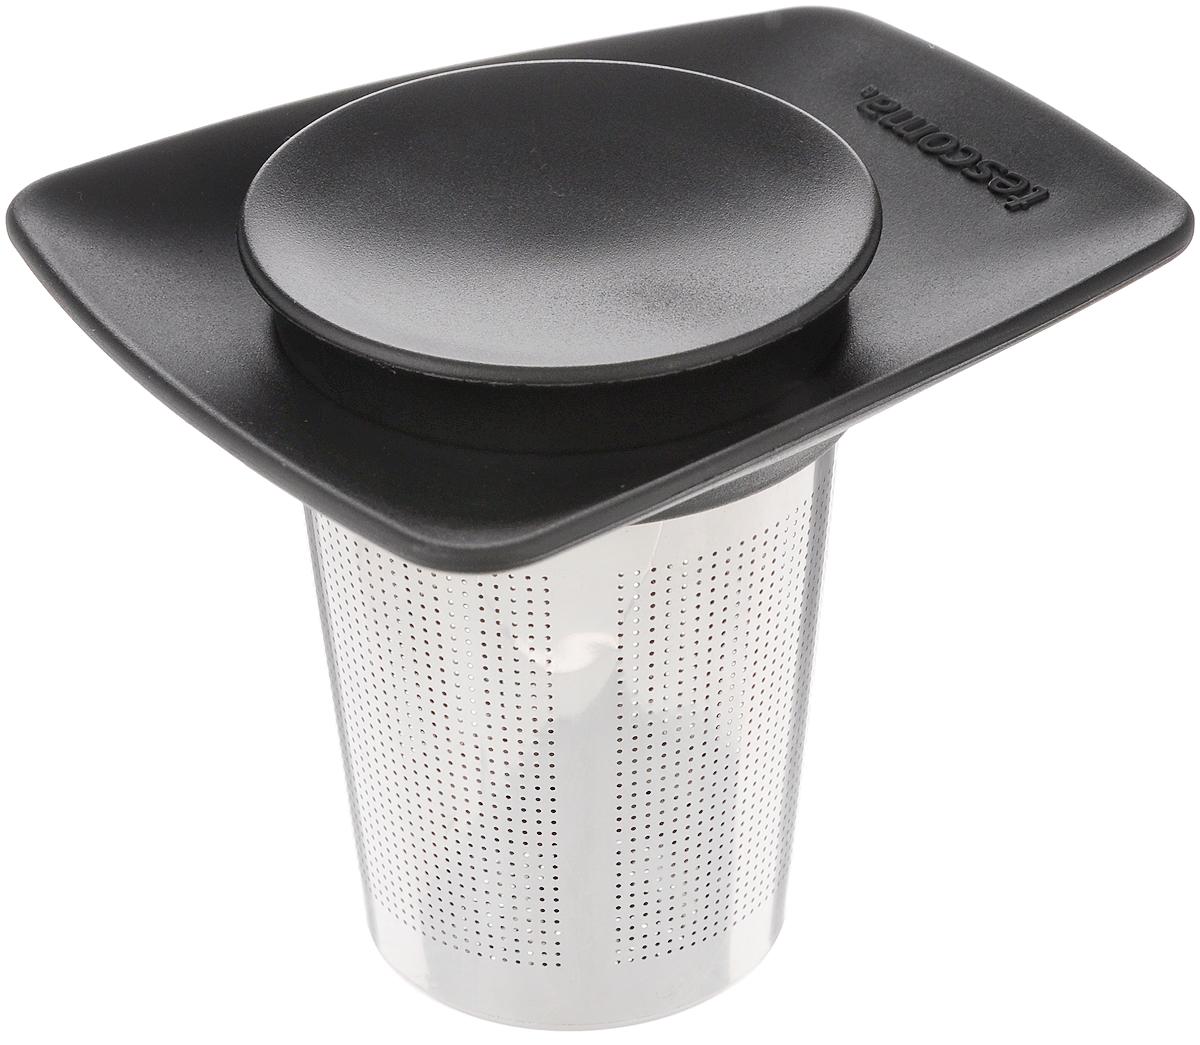 Ситечко для чая Tescoma Teo, с крышкой646668Ситечко Tescoma Teo, выполненное из высококачественной нержавеющей стали и пластика, предназначено для заваривания чая.Ситечко удобно в использовании, имеет современный дизайн и займет достойное место на вашей кухне. С таким ситечком очень удобно заваривать любимый чай. Можно мыть в посудомоечной машине.Высота: 8,5 см.Диаметр рабочей части: 5,5 см.